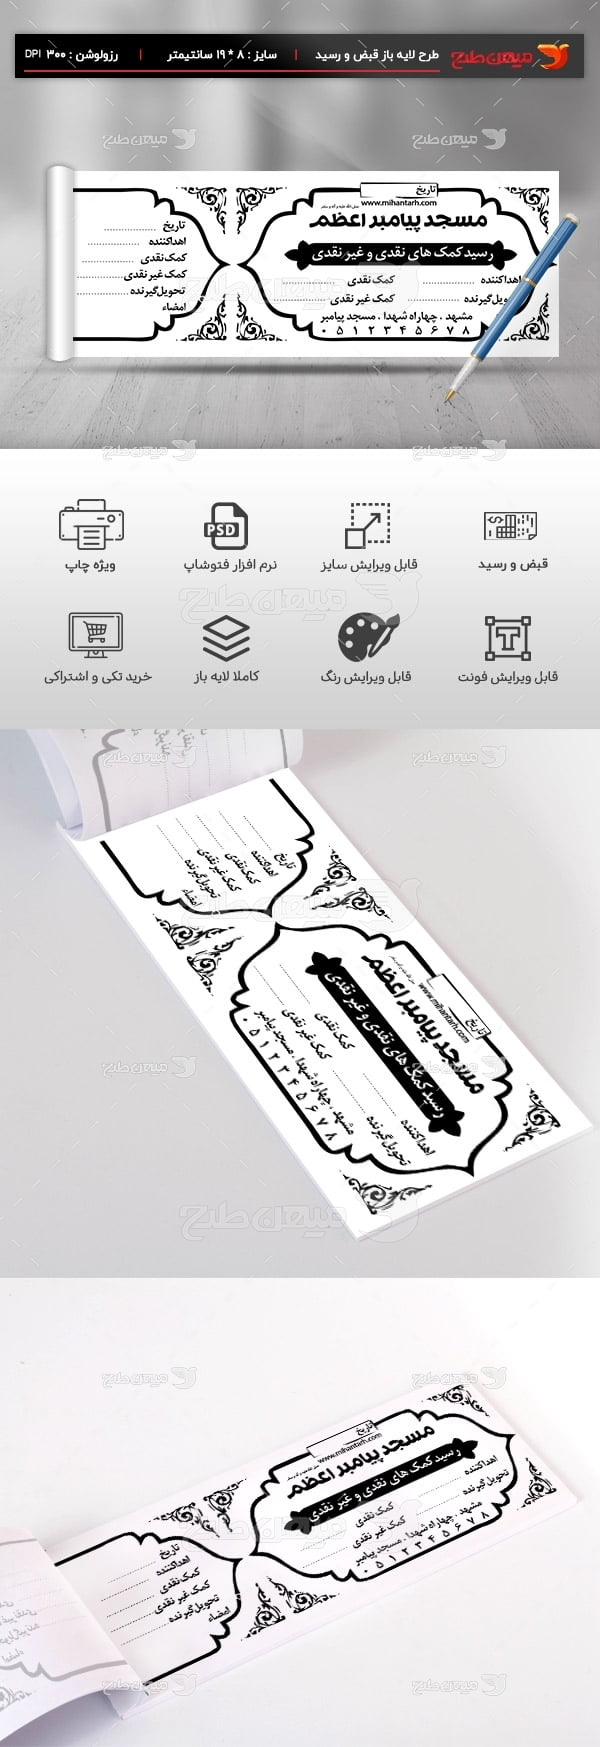 طرح لایه باز رسید کمک به مسجد